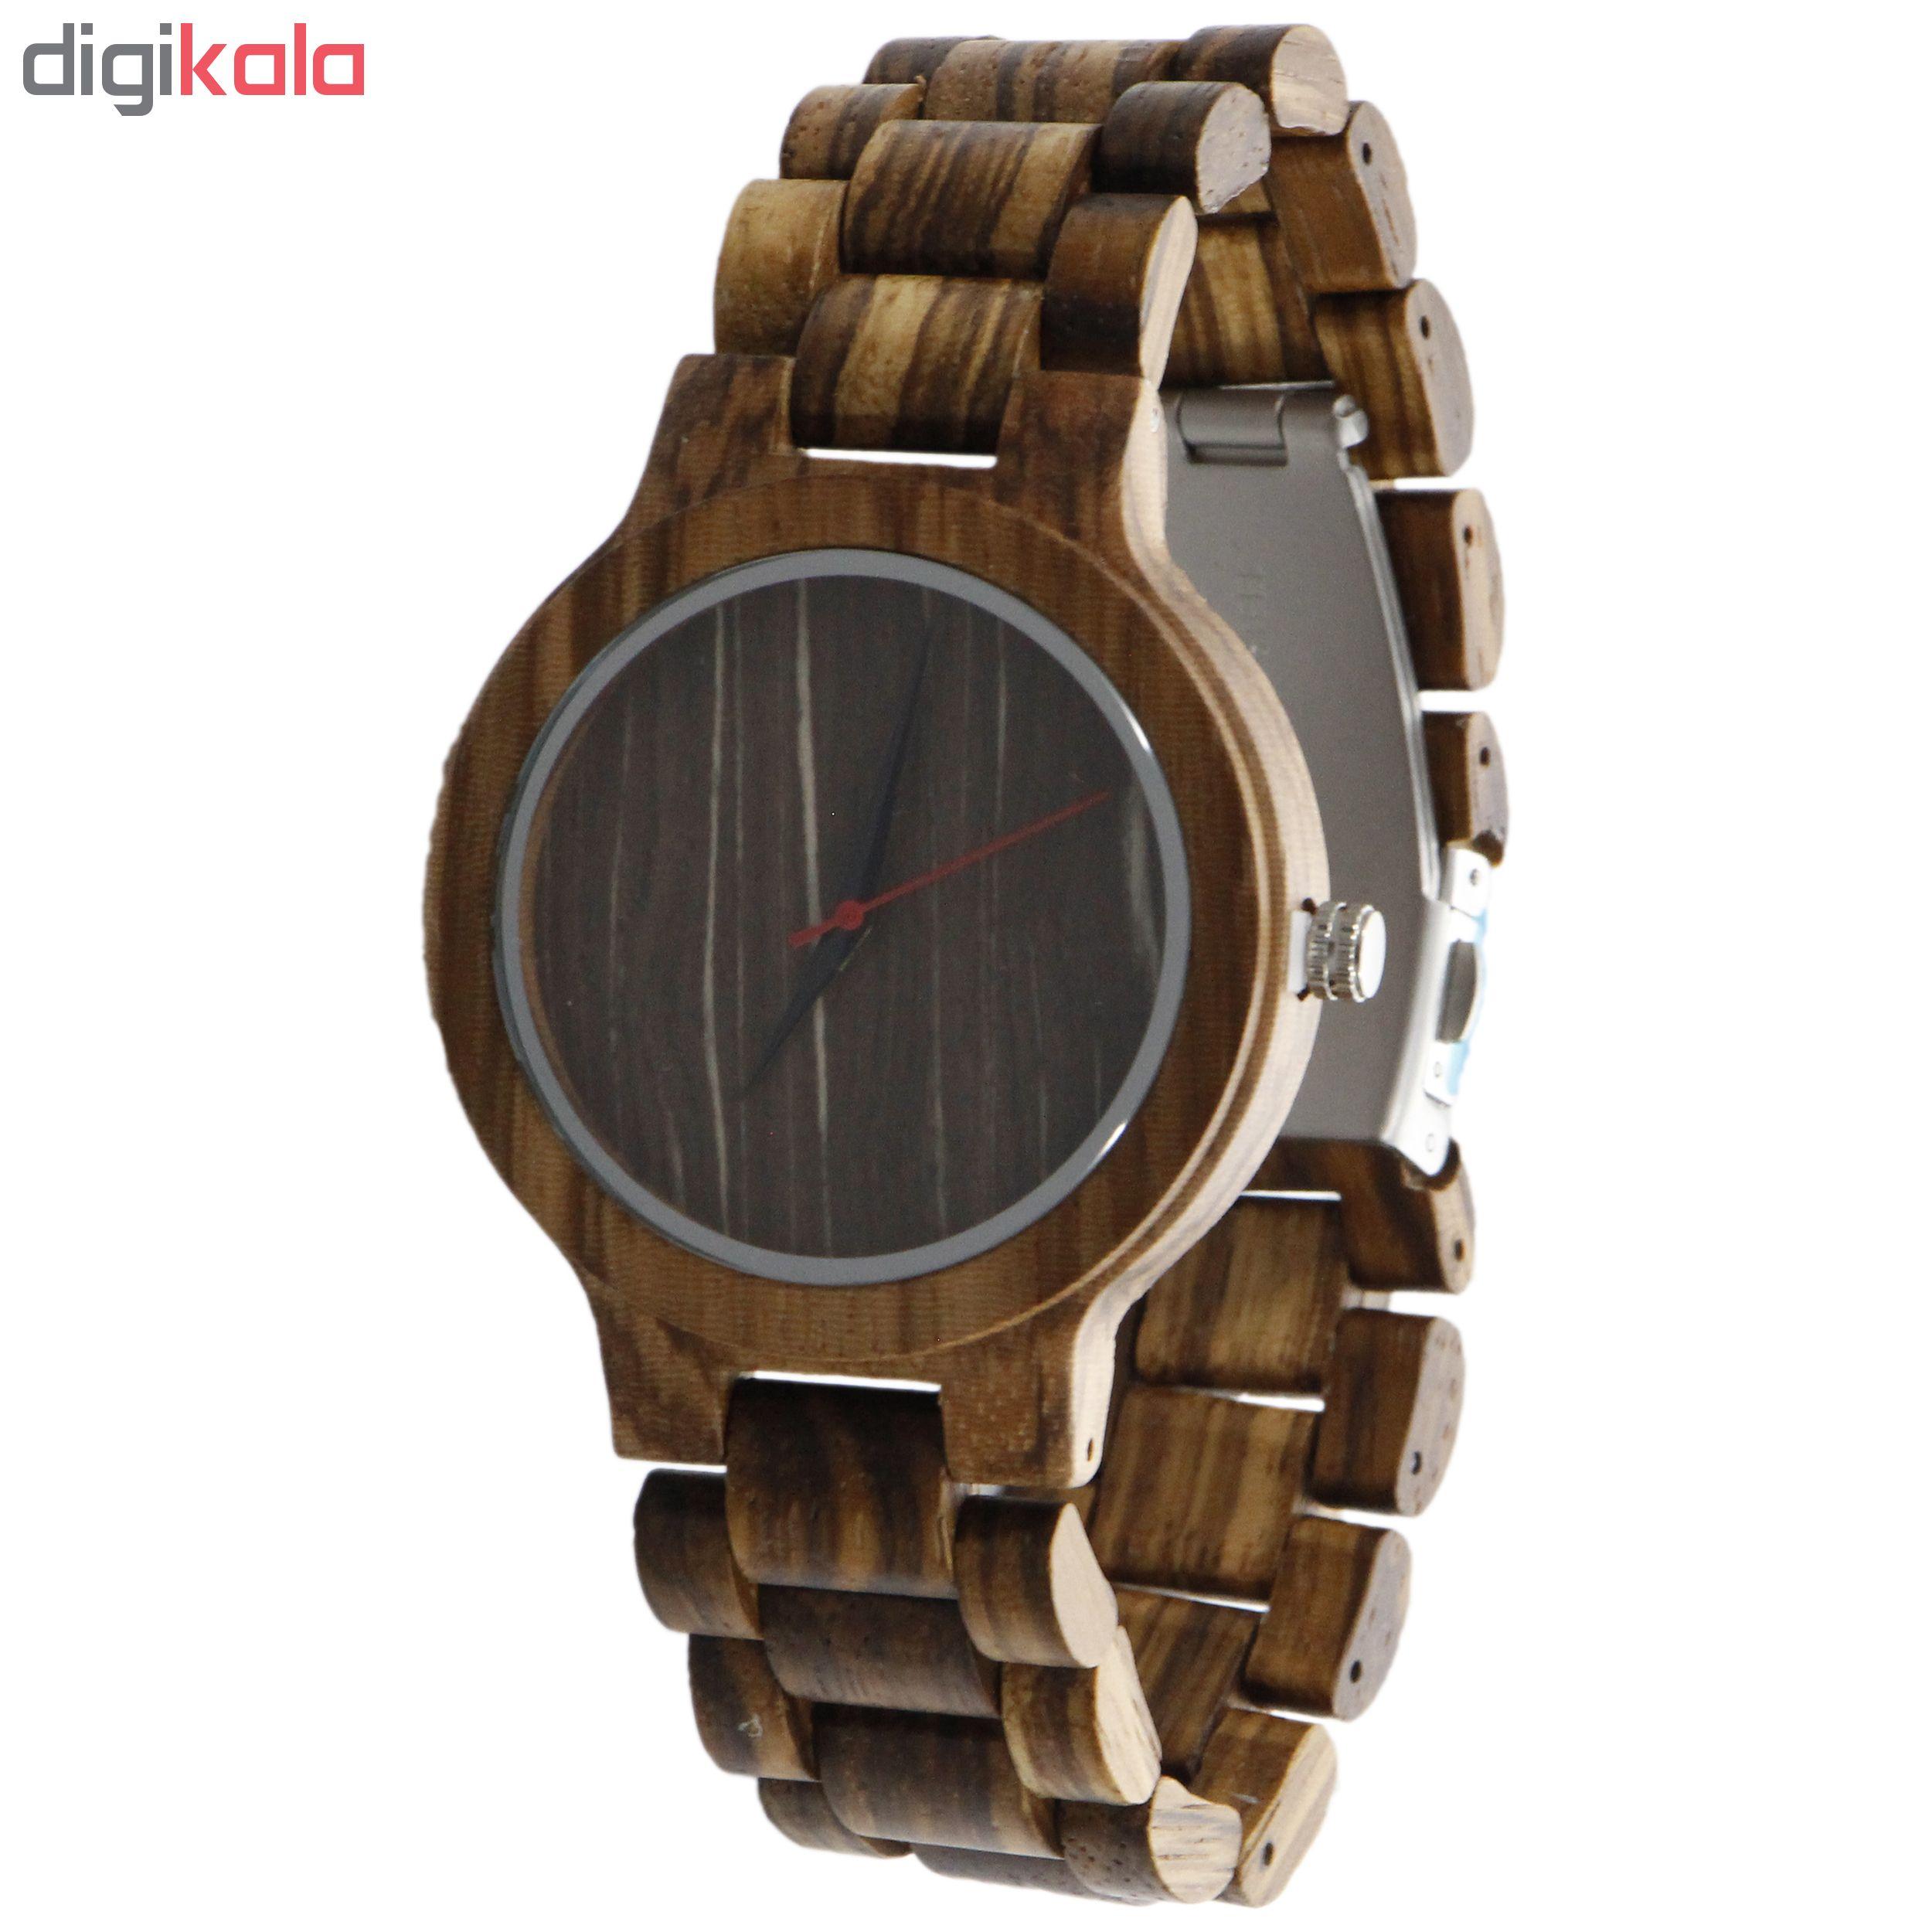 خرید ساعت مچی چوبی عقربه ای - کد BMK23